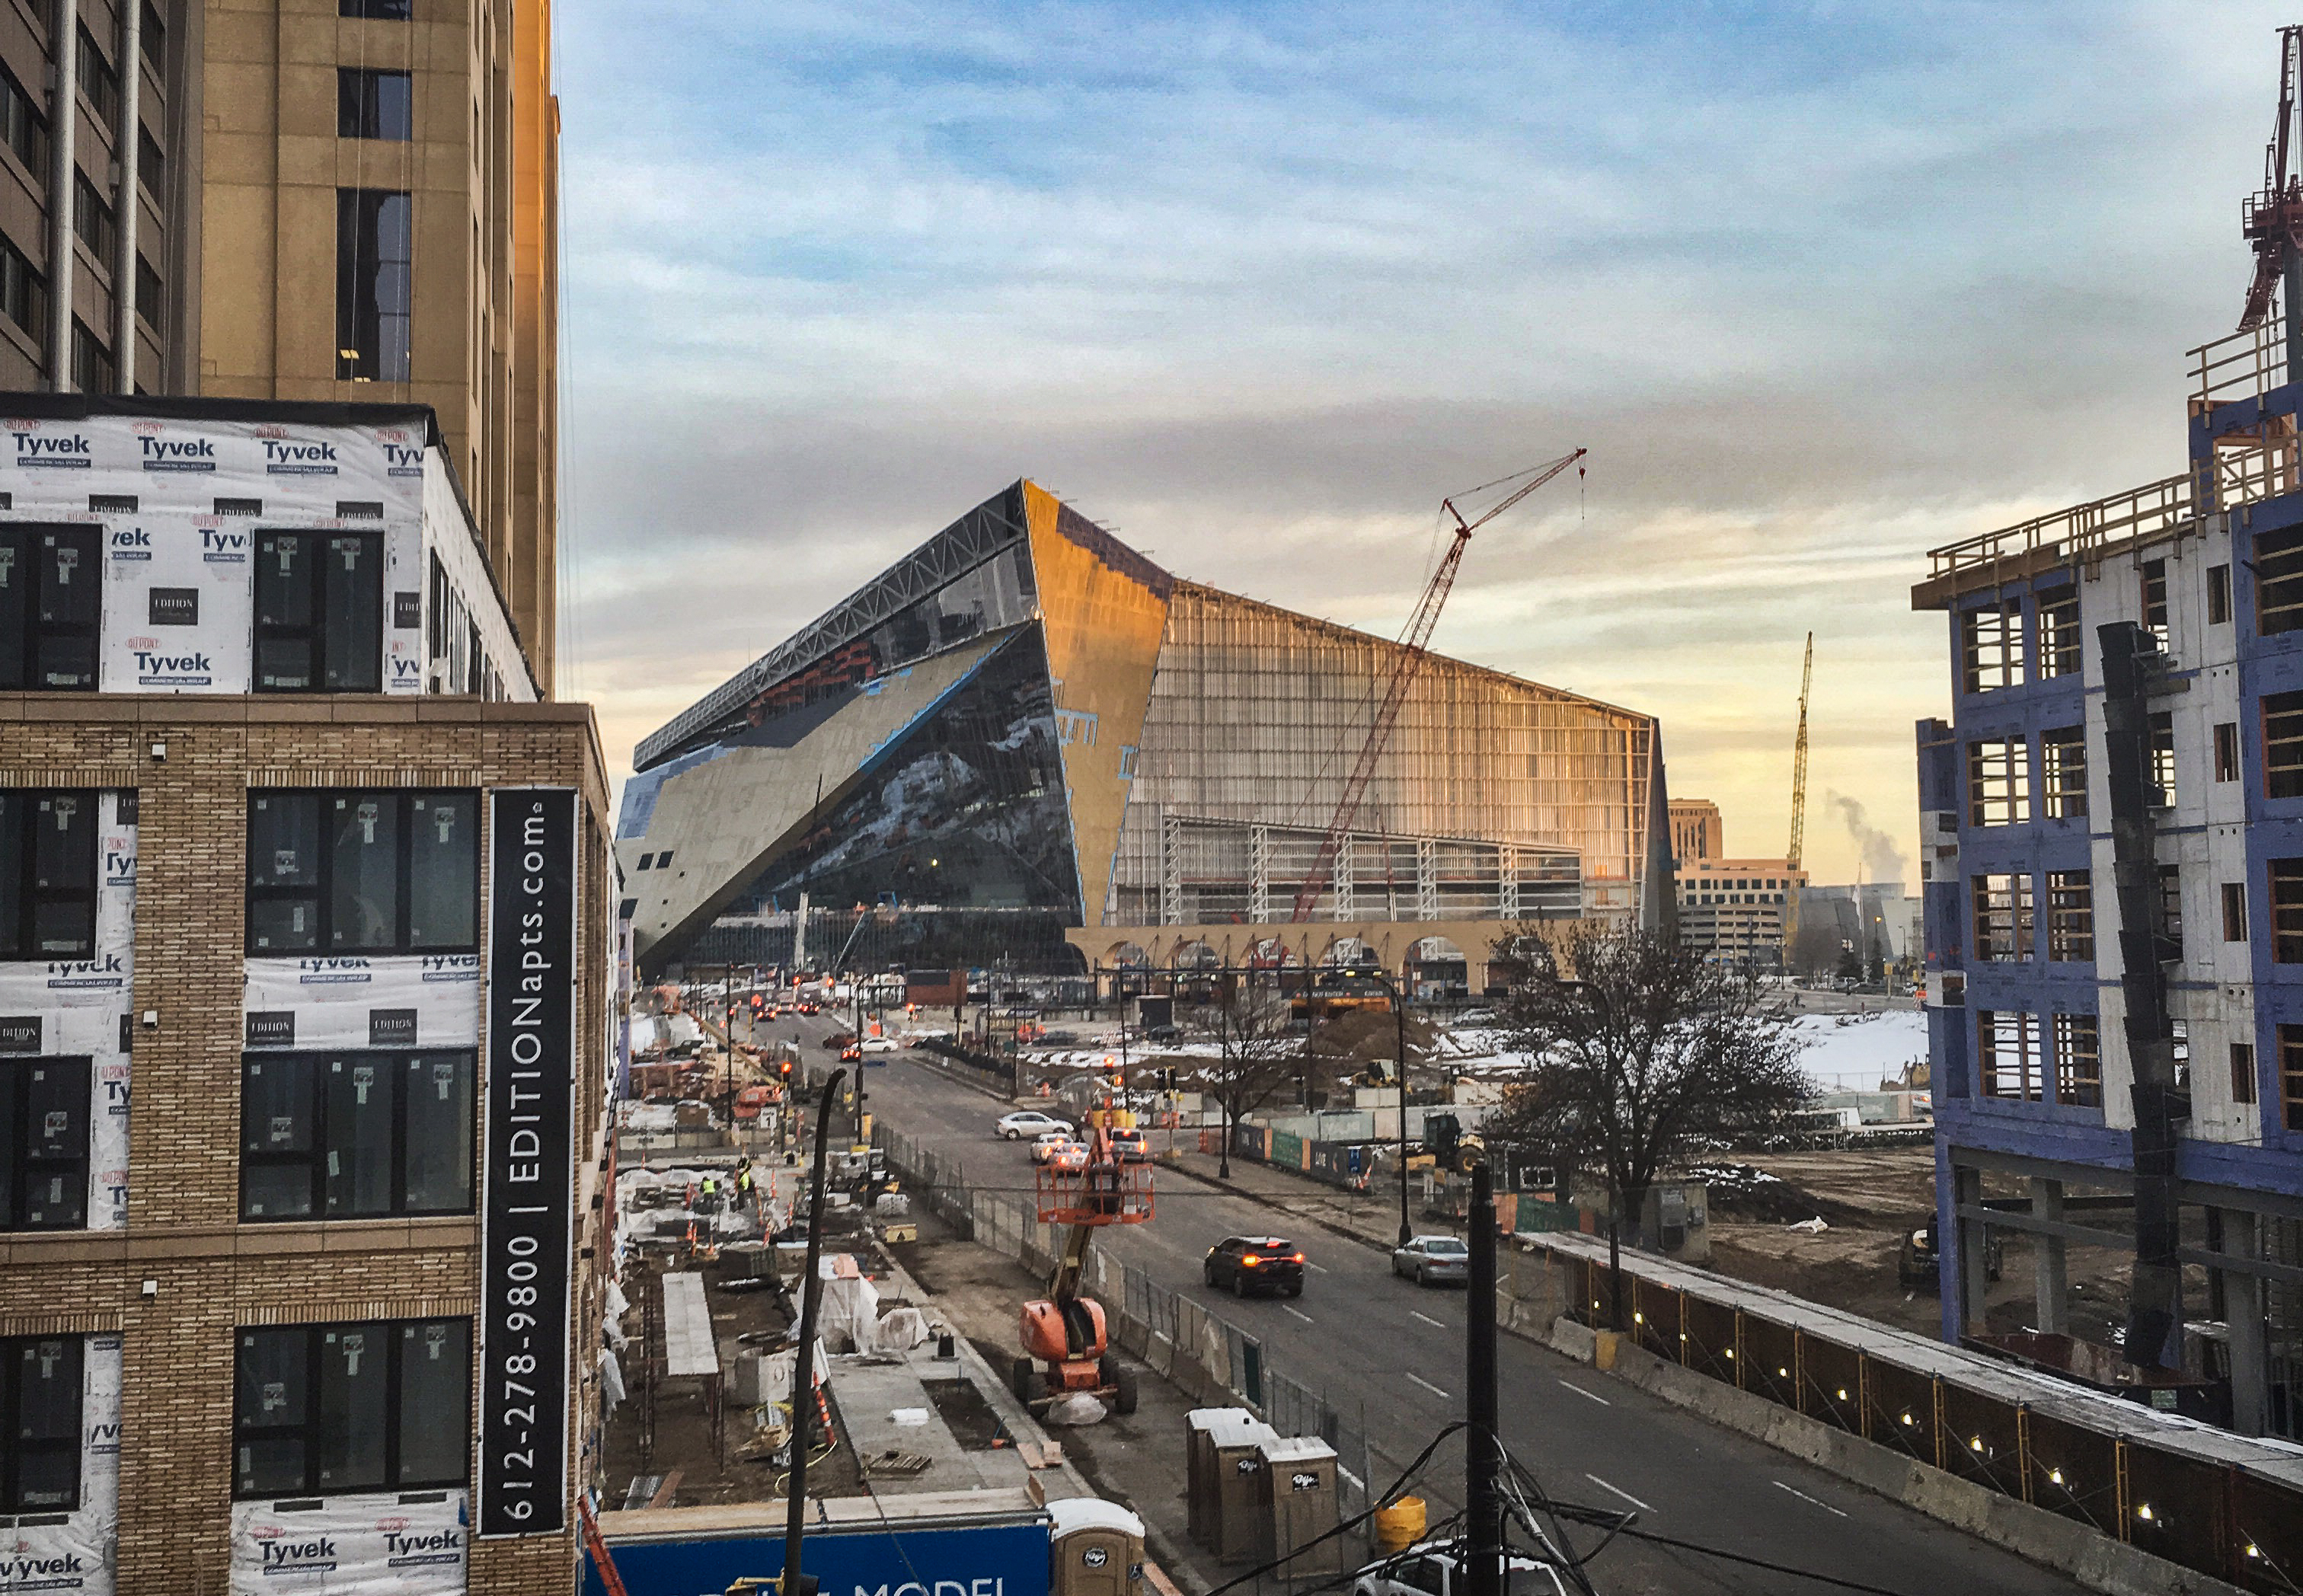 Minnesota Vikings har fått seg ny stadion. Den første grunnspillkampen der går, naturlig nok, mot Packers